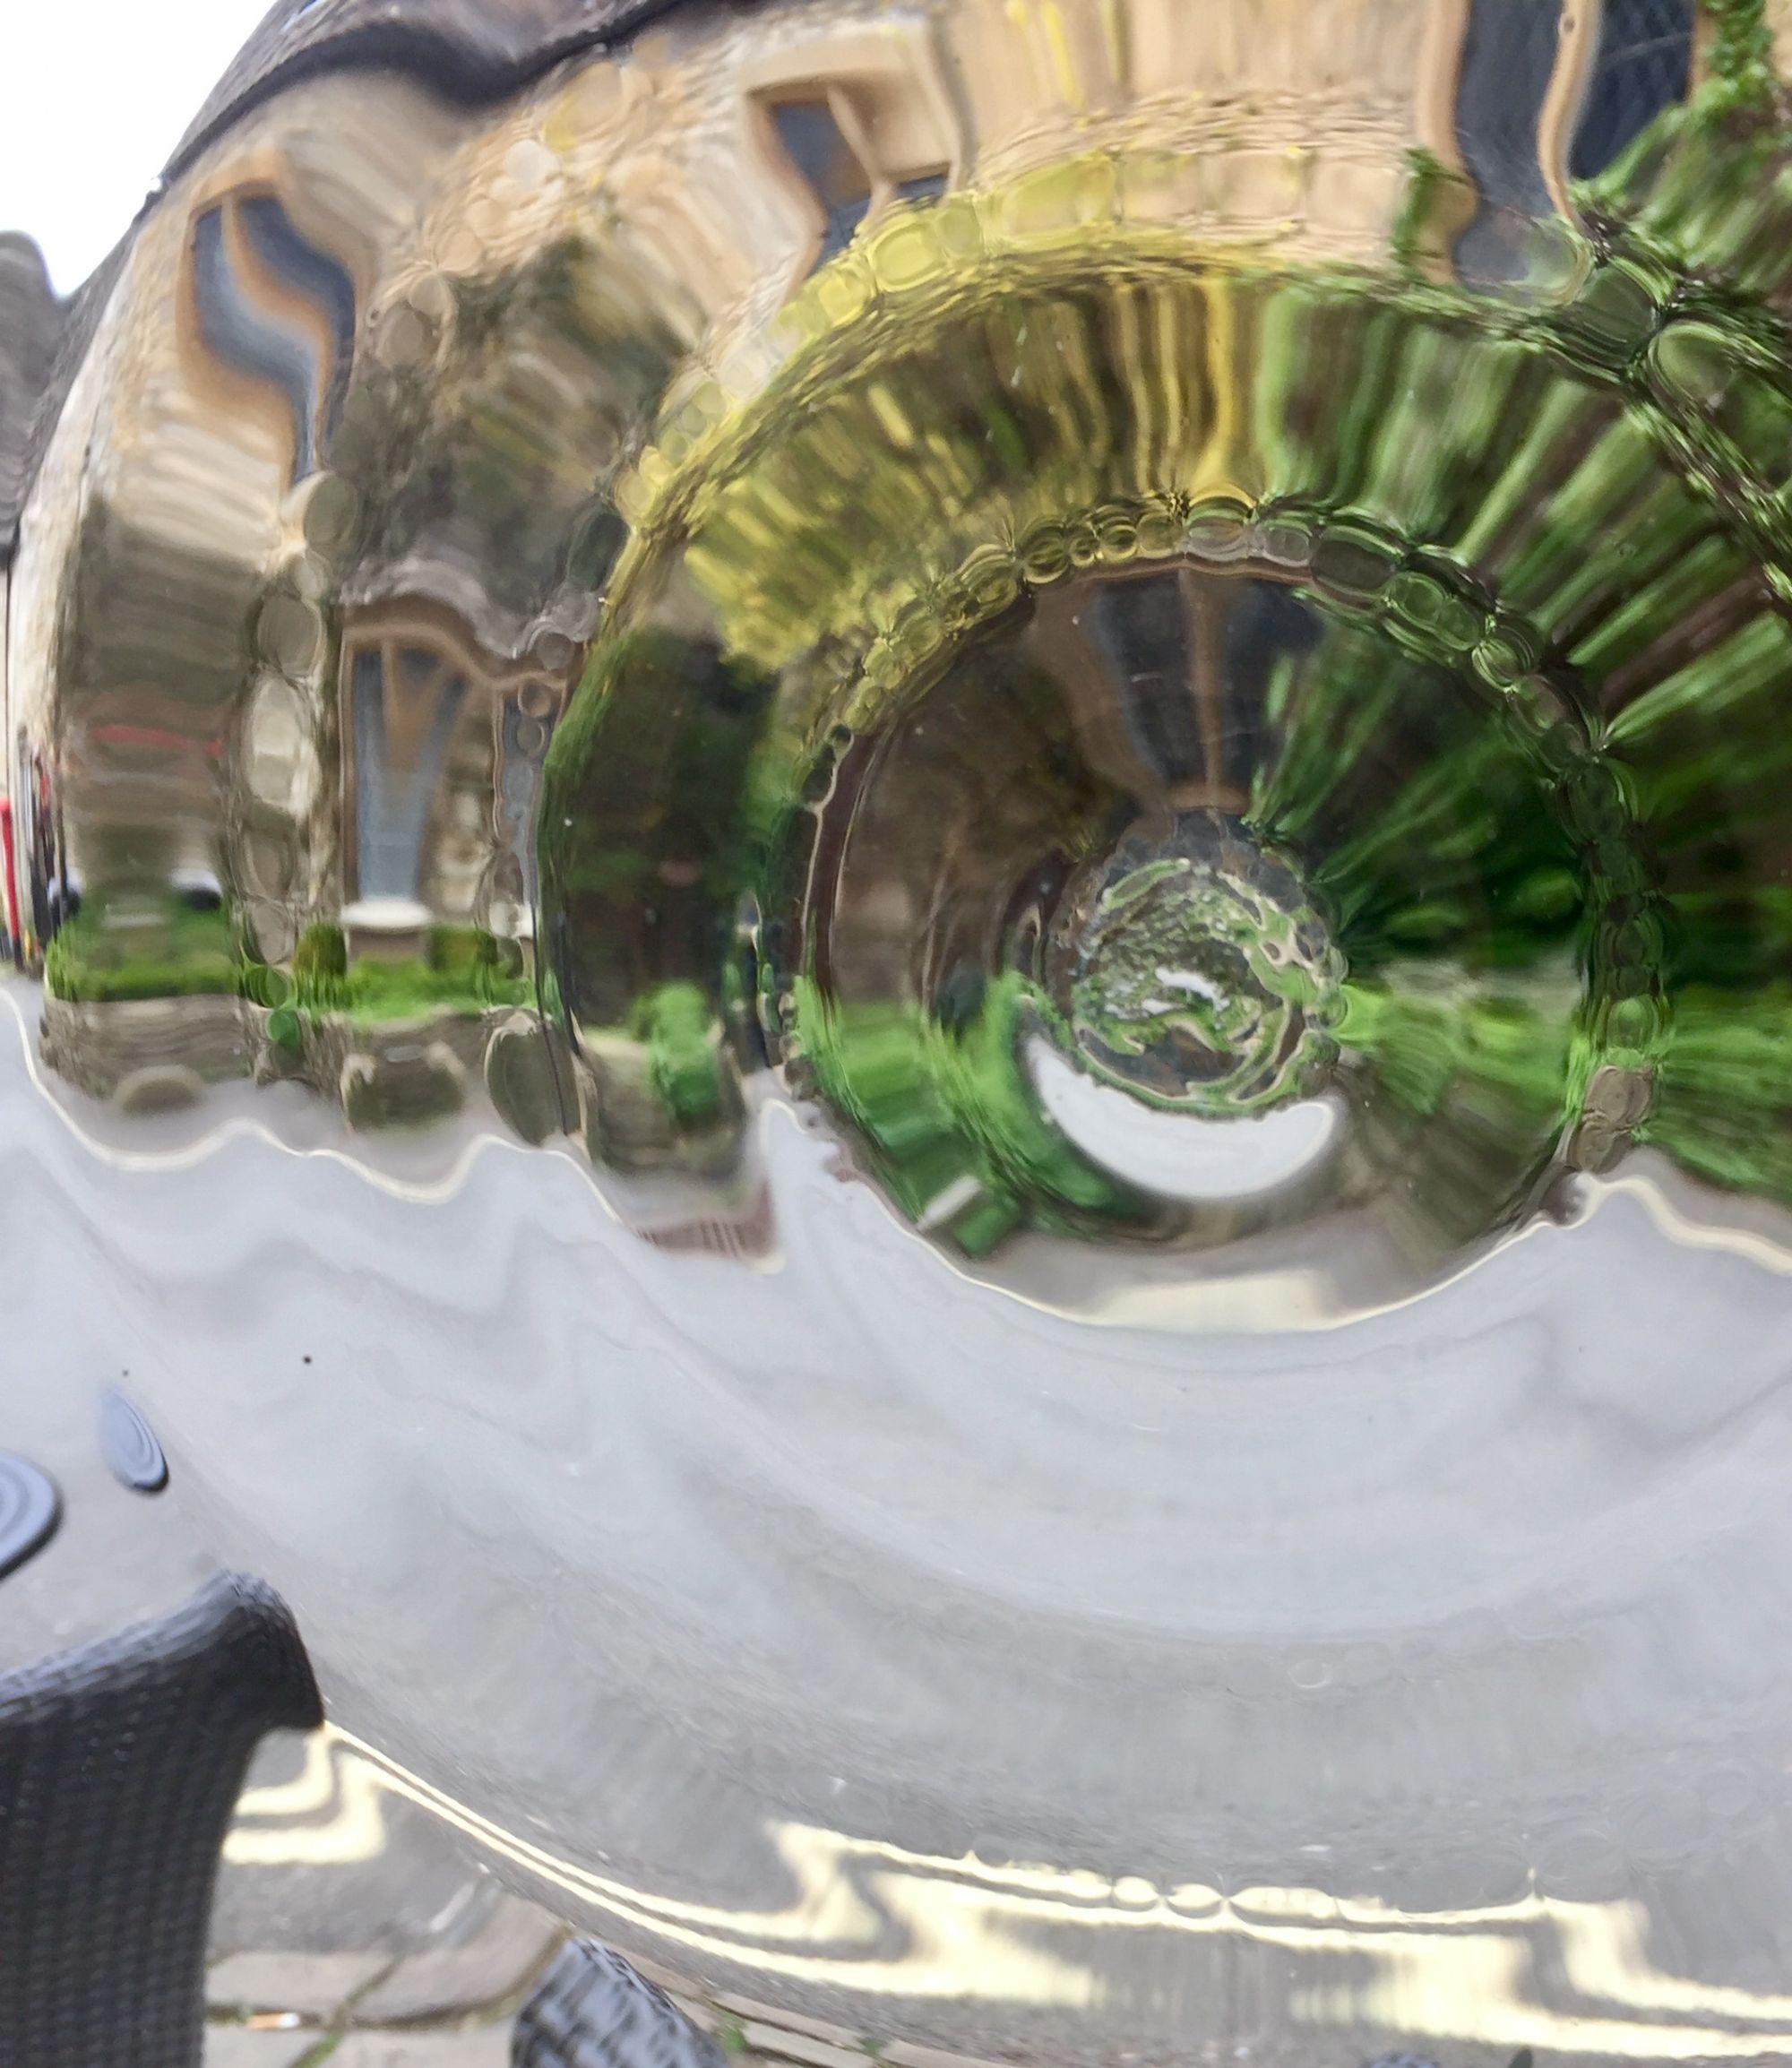 Cotswolds through a pub window